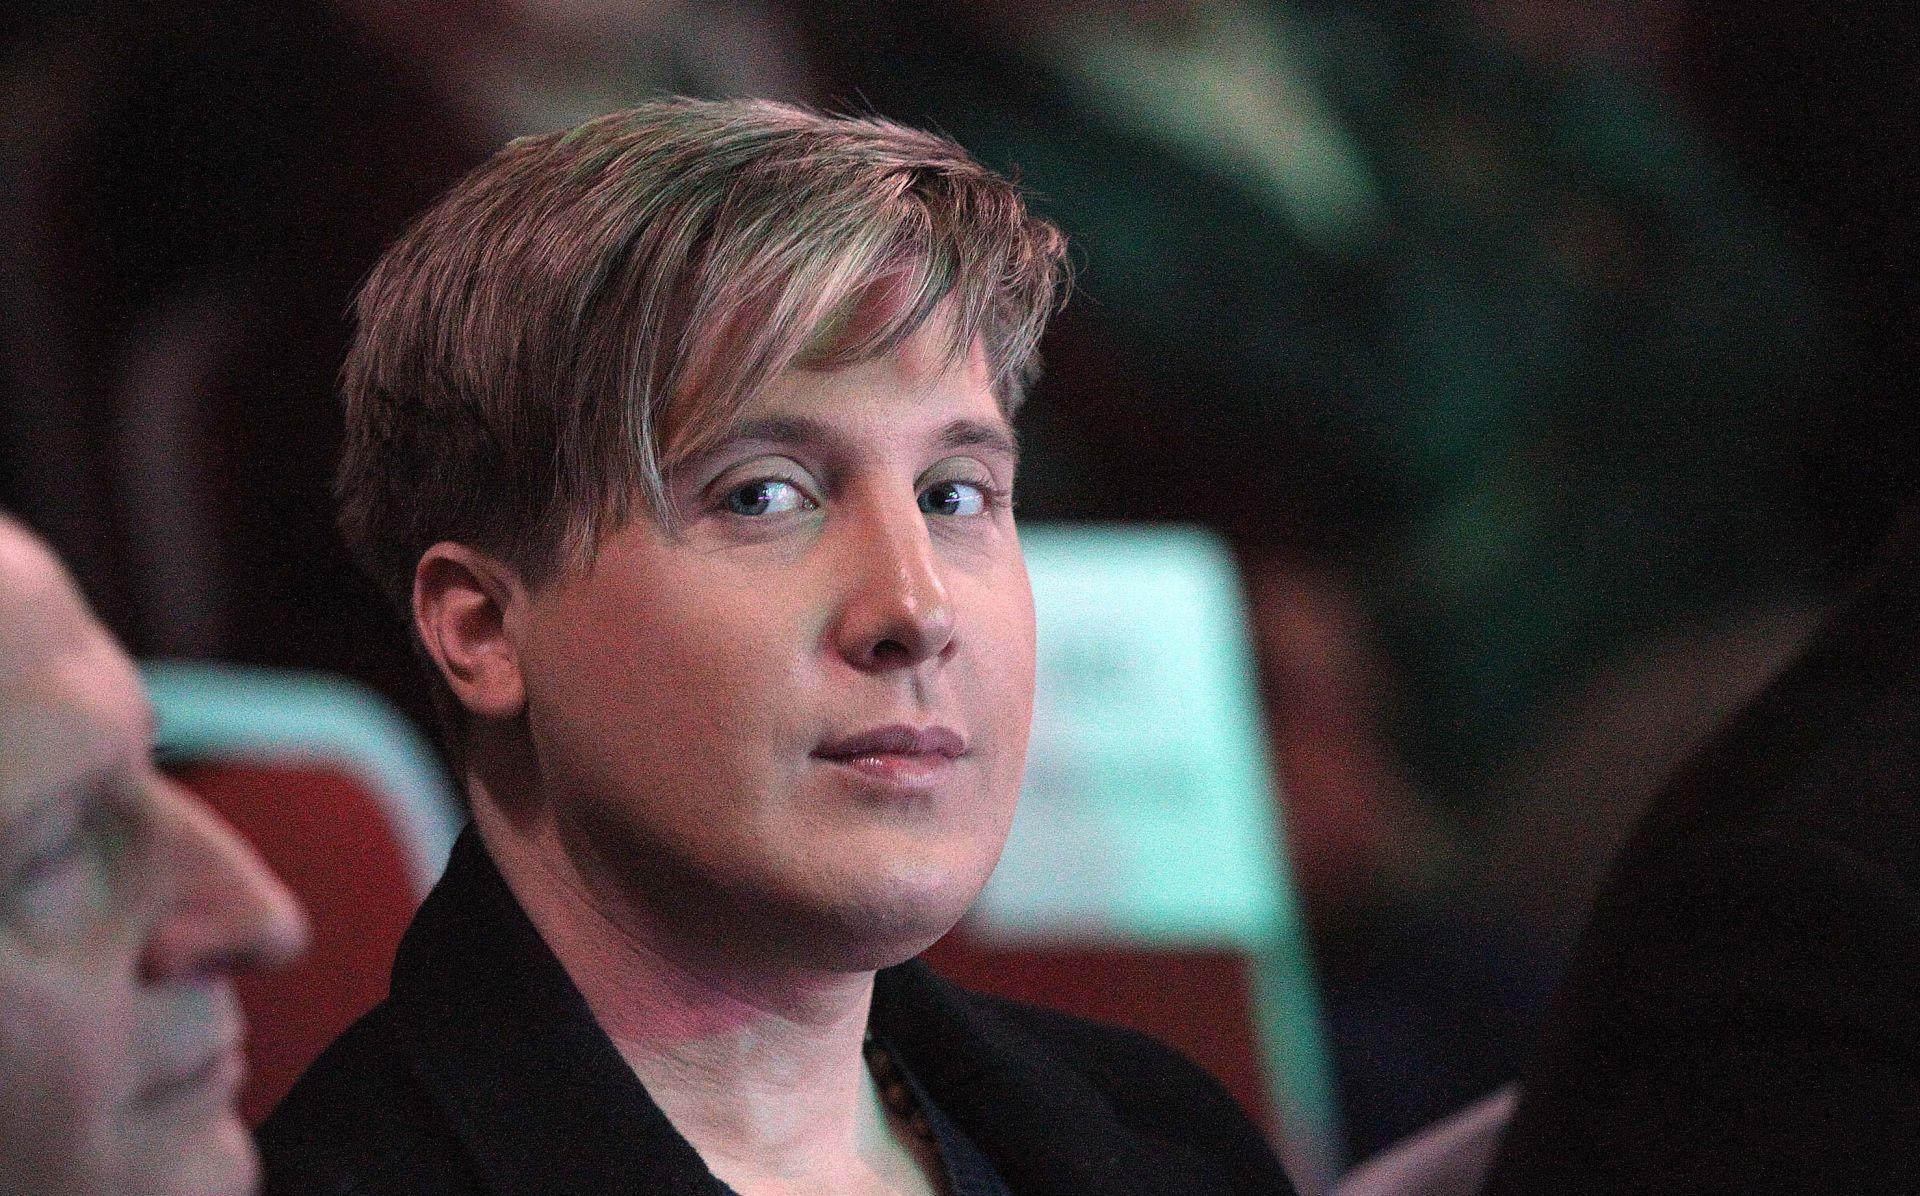 POSRNULI PJEVAČ Podignuta optužnica protiv Josipa Katalenića (34)